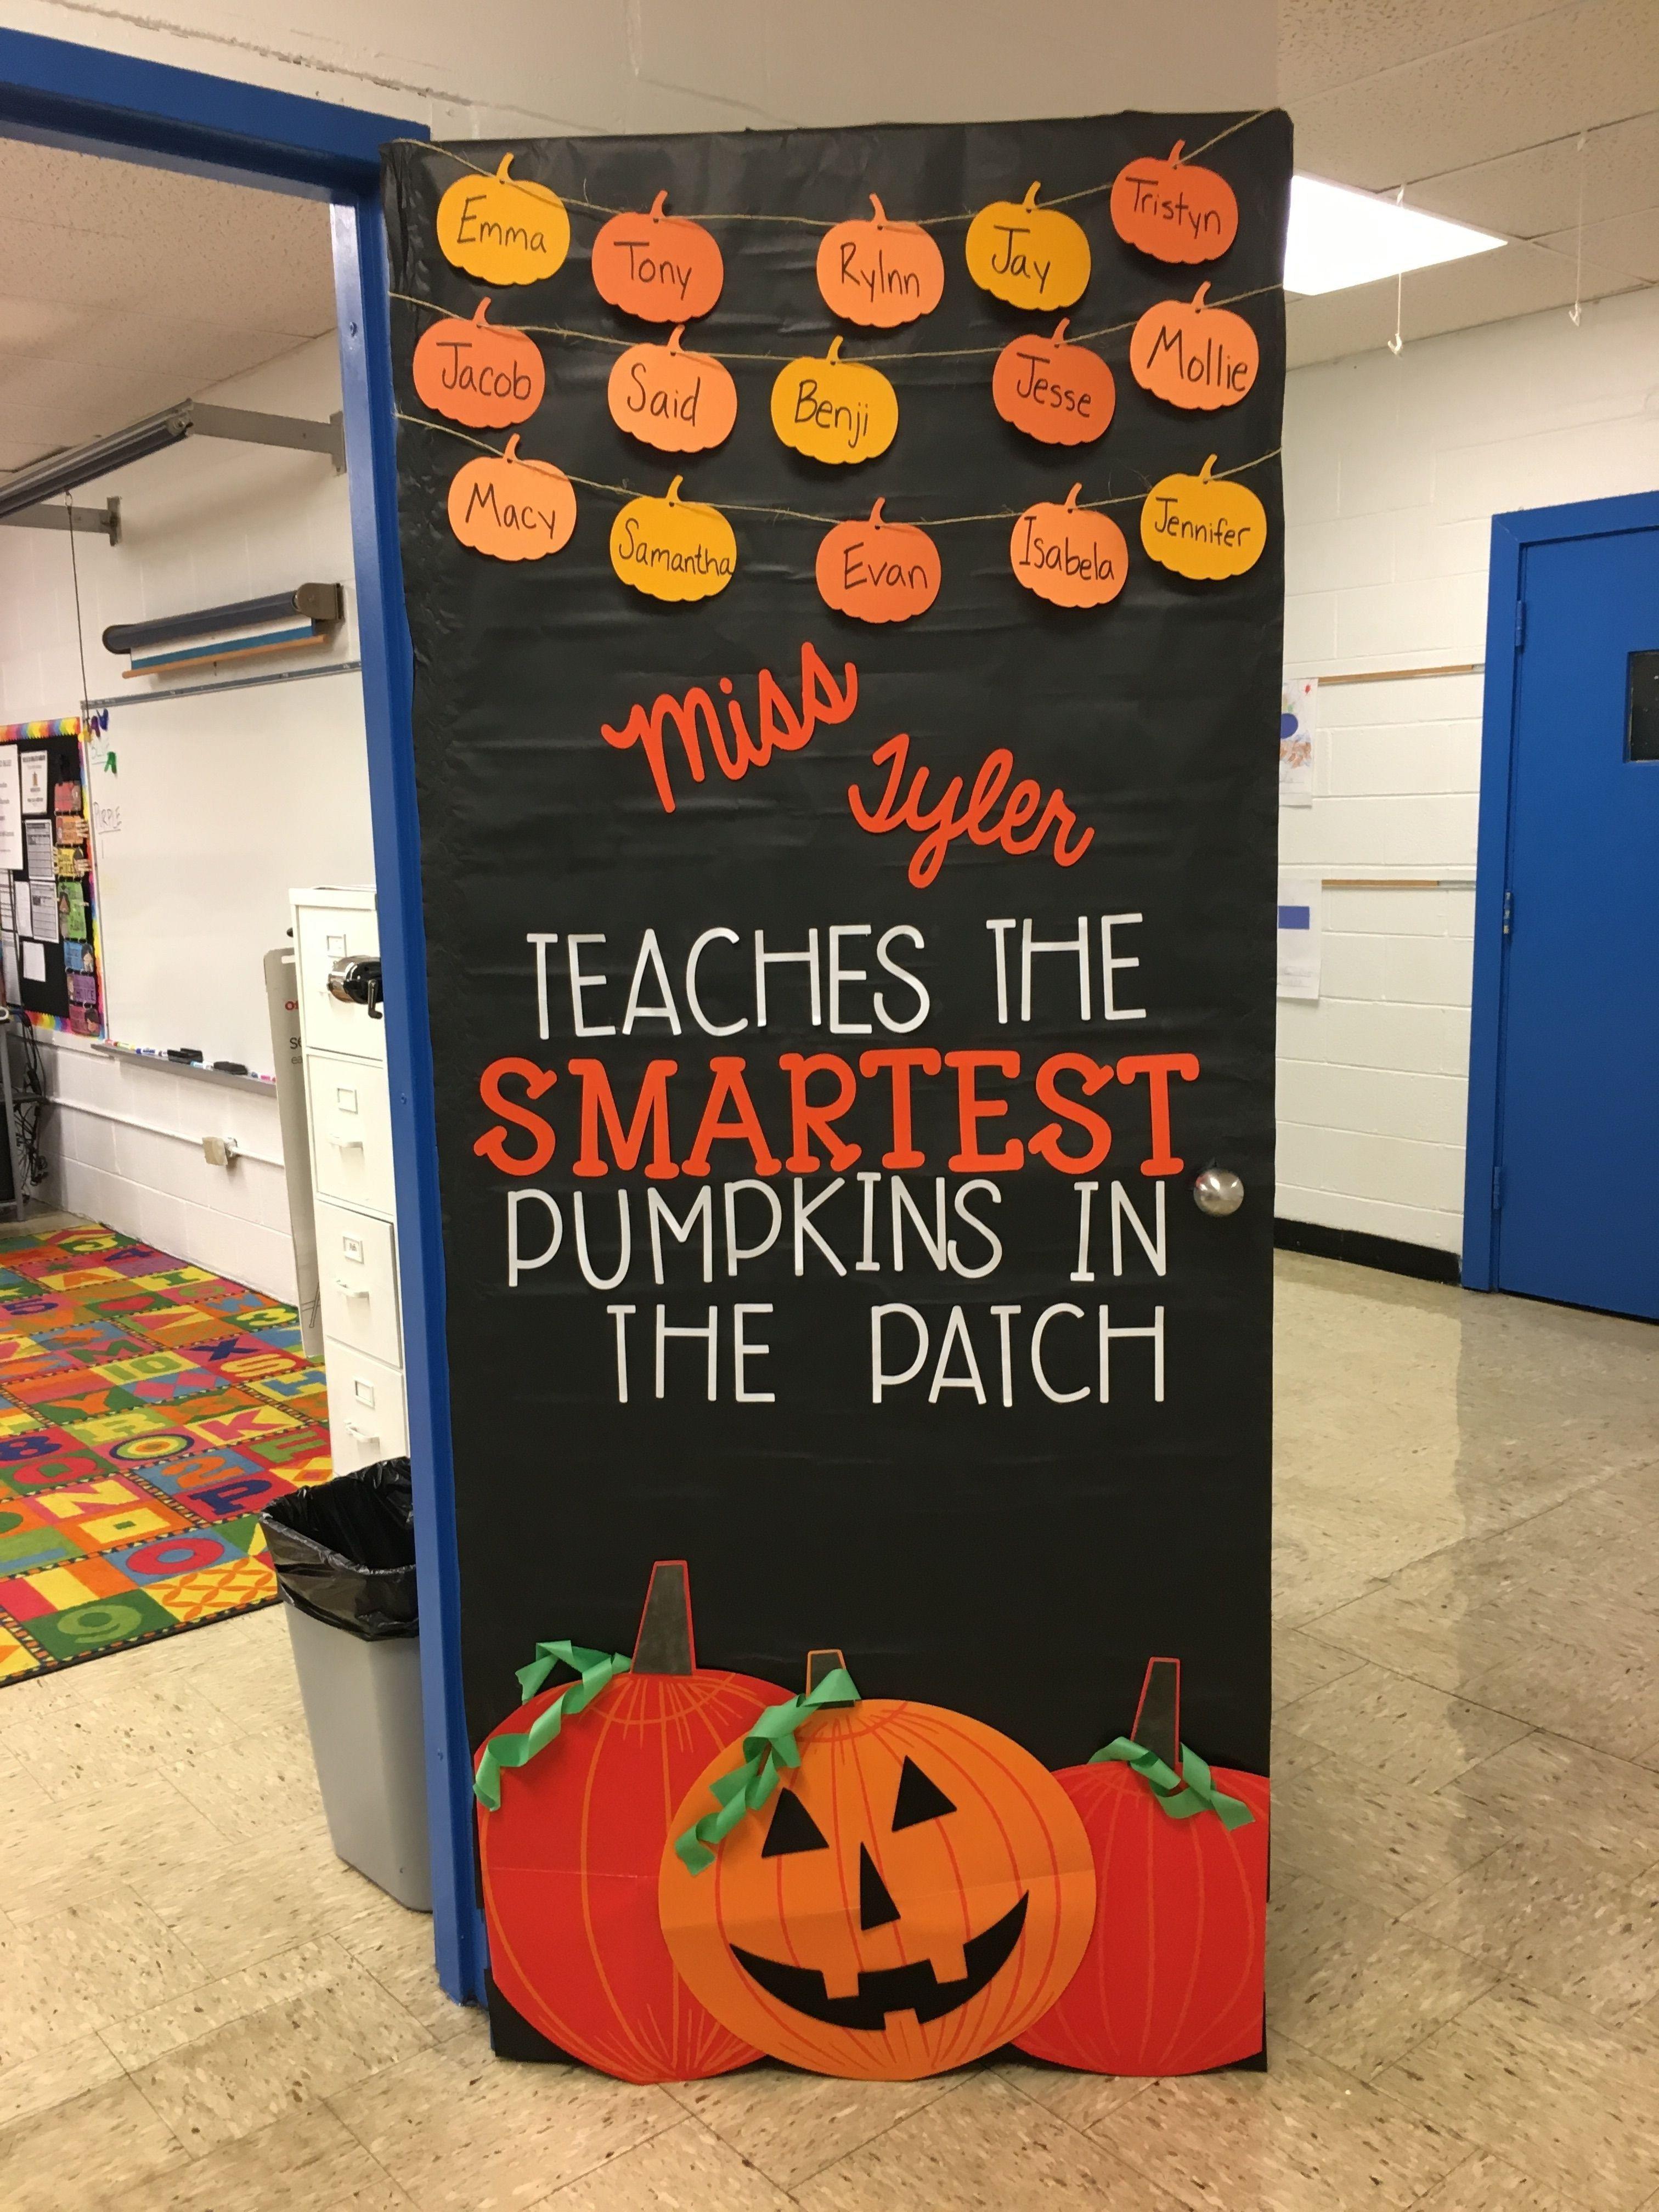 19 Halloween Classroom Door Decorations Halloween Classroom Decorations Halloween Classroom Door Decor Halloween Classroom